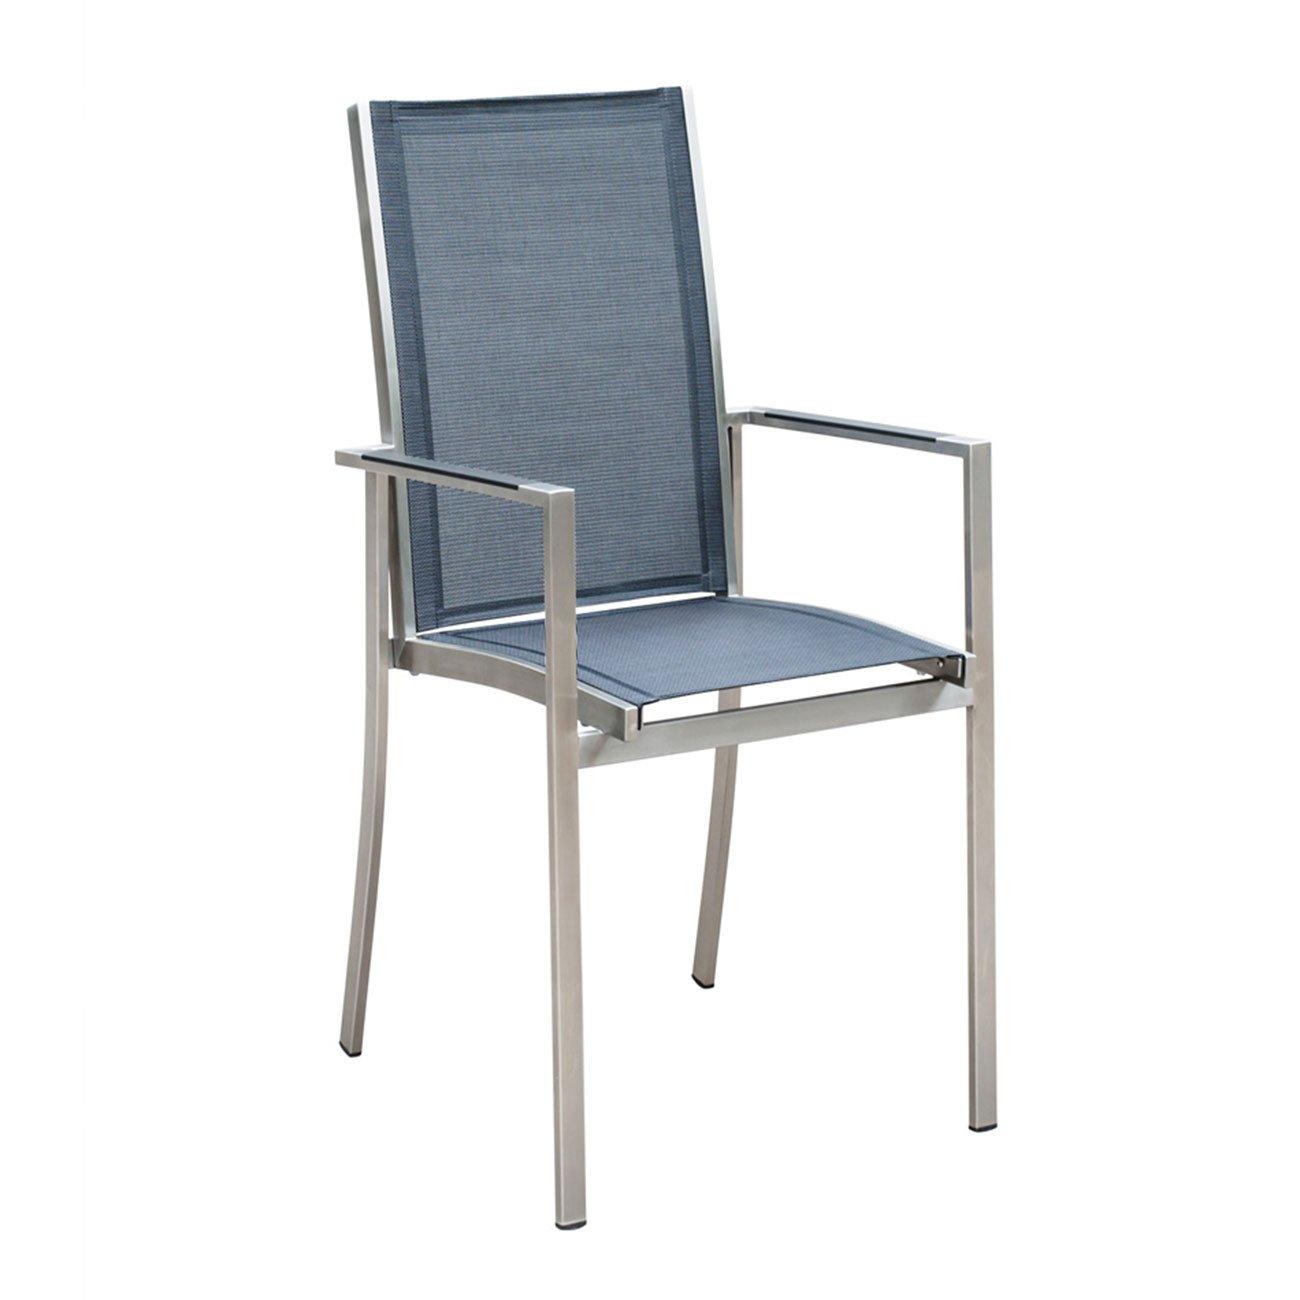 Gartenstuhl OUTLIV. Oviedo Stapelsessel Edelstahl/Textilene silber-schwarz Stuhl Garten